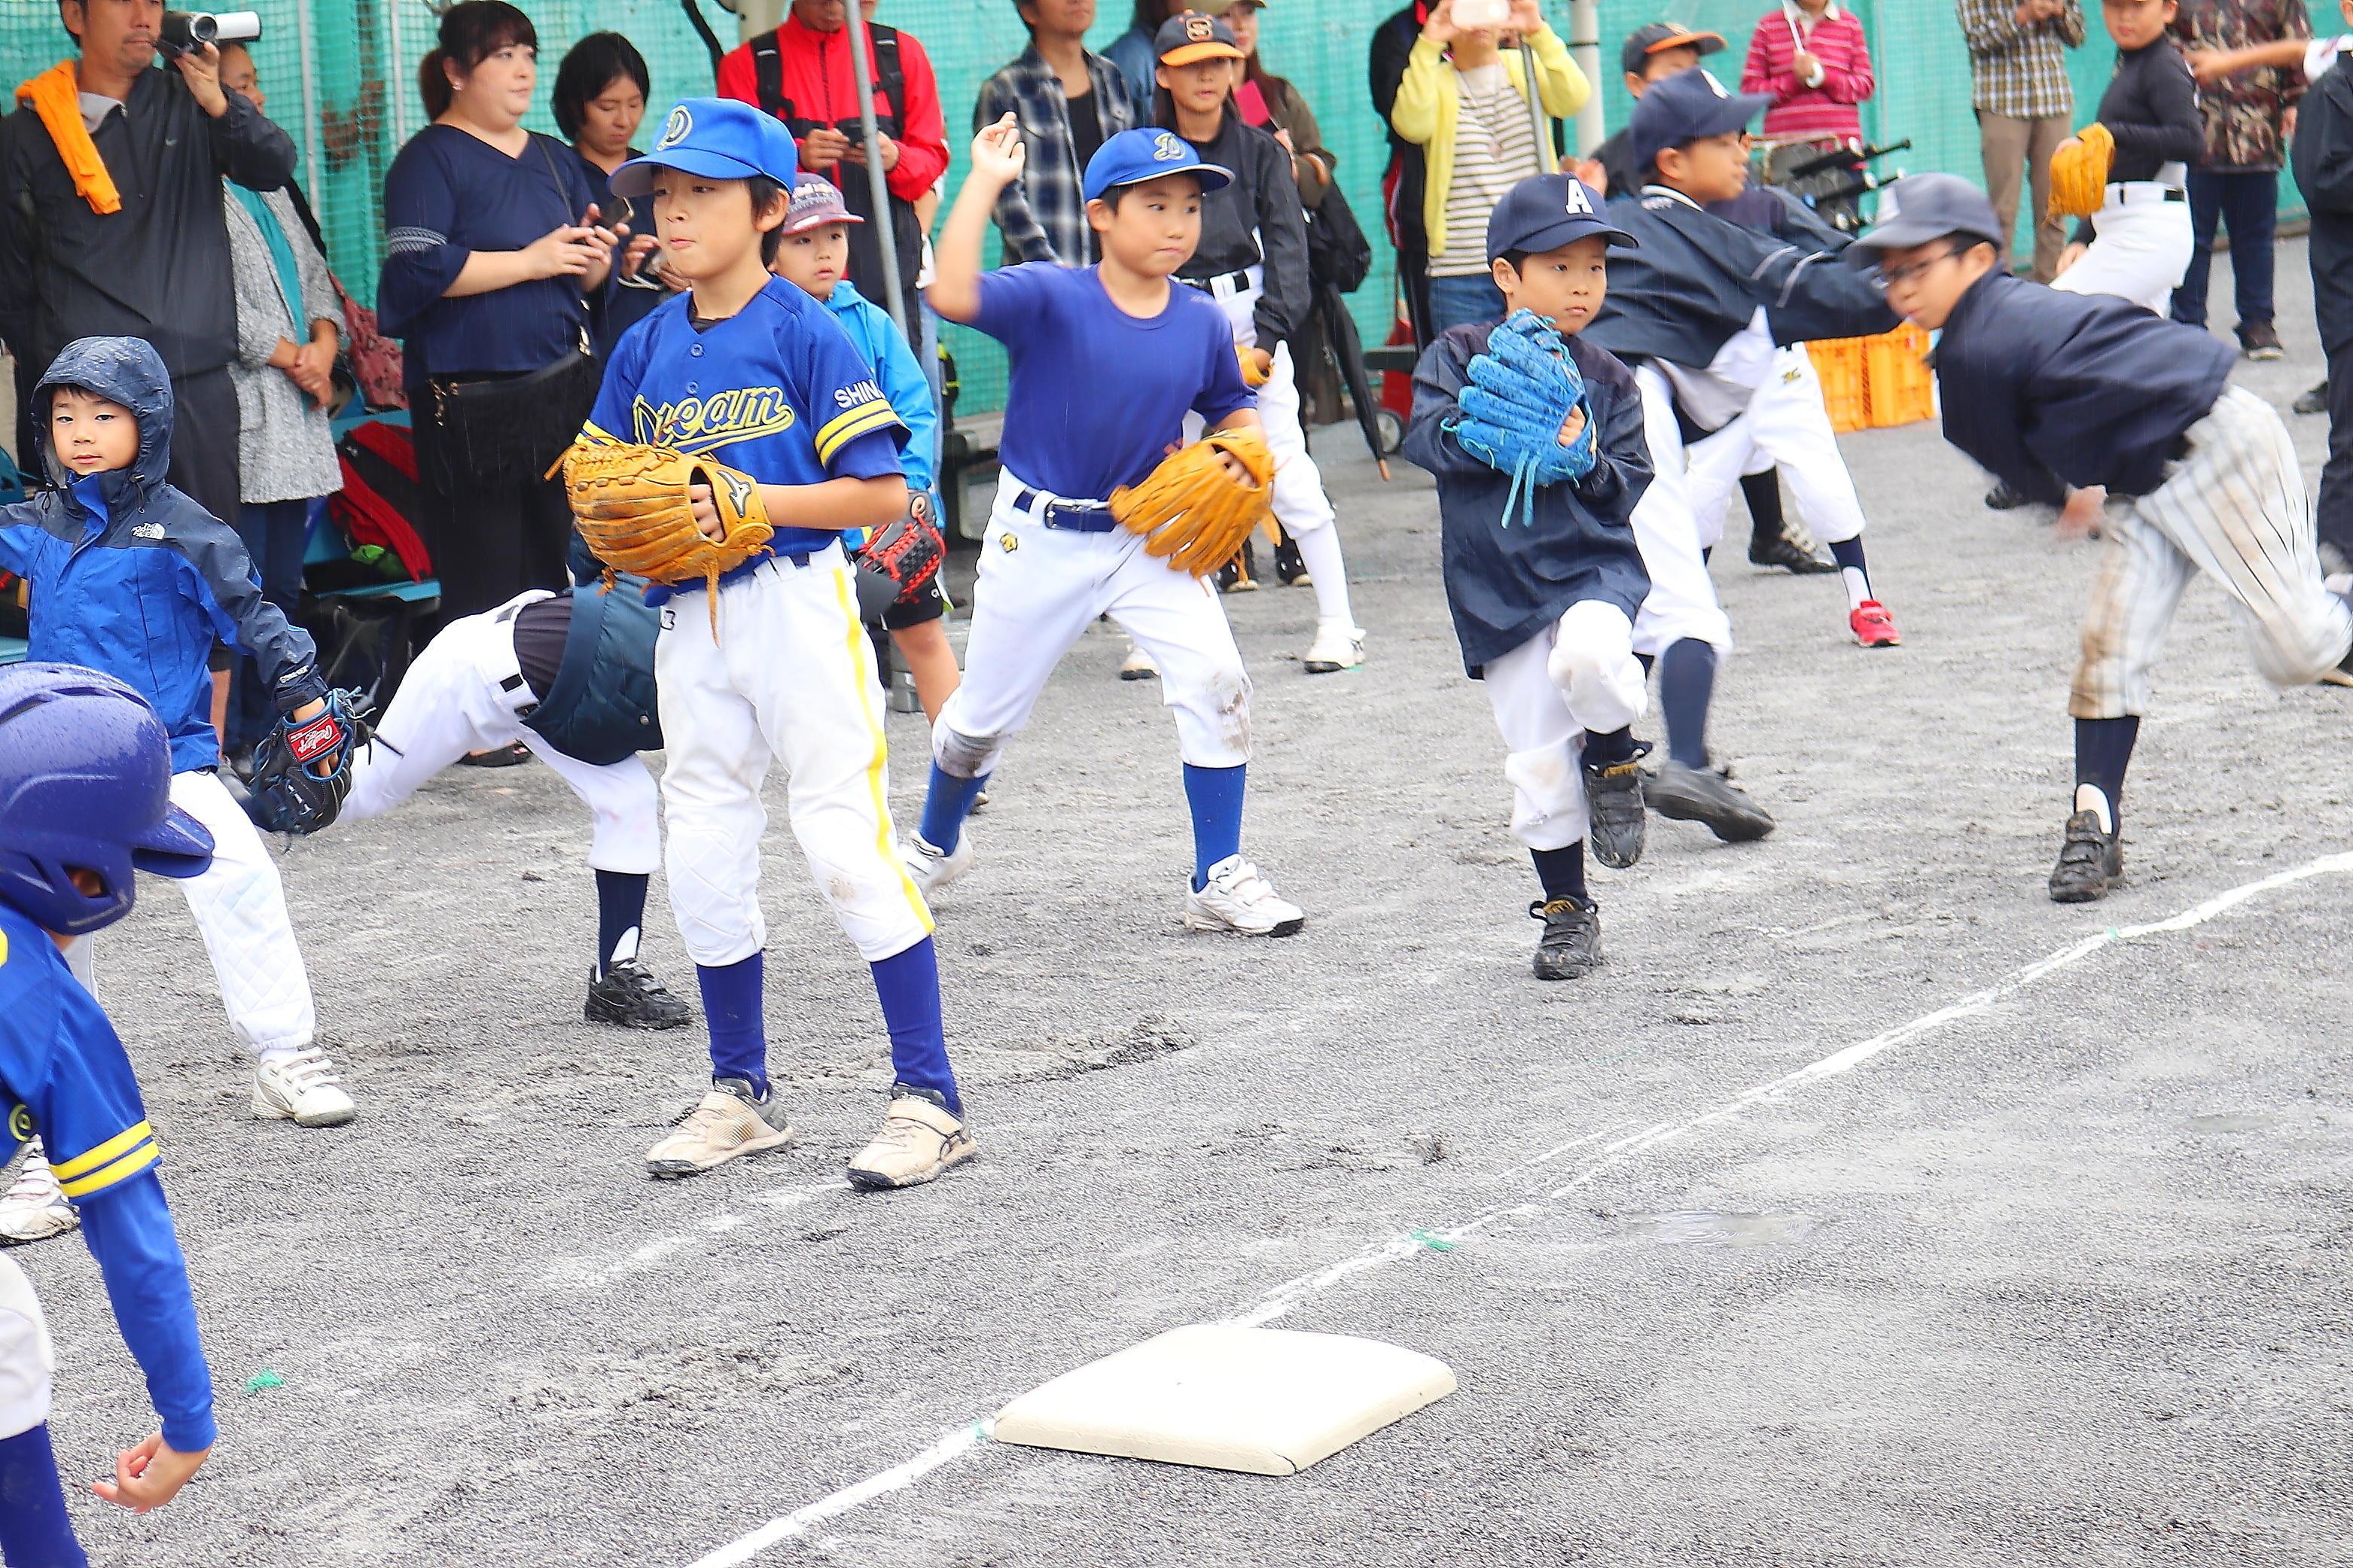 http://news.yoshimoto.co.jp/20181003213541-d8f399a4a9efb592b0924d8bb933259473acd54d.jpg